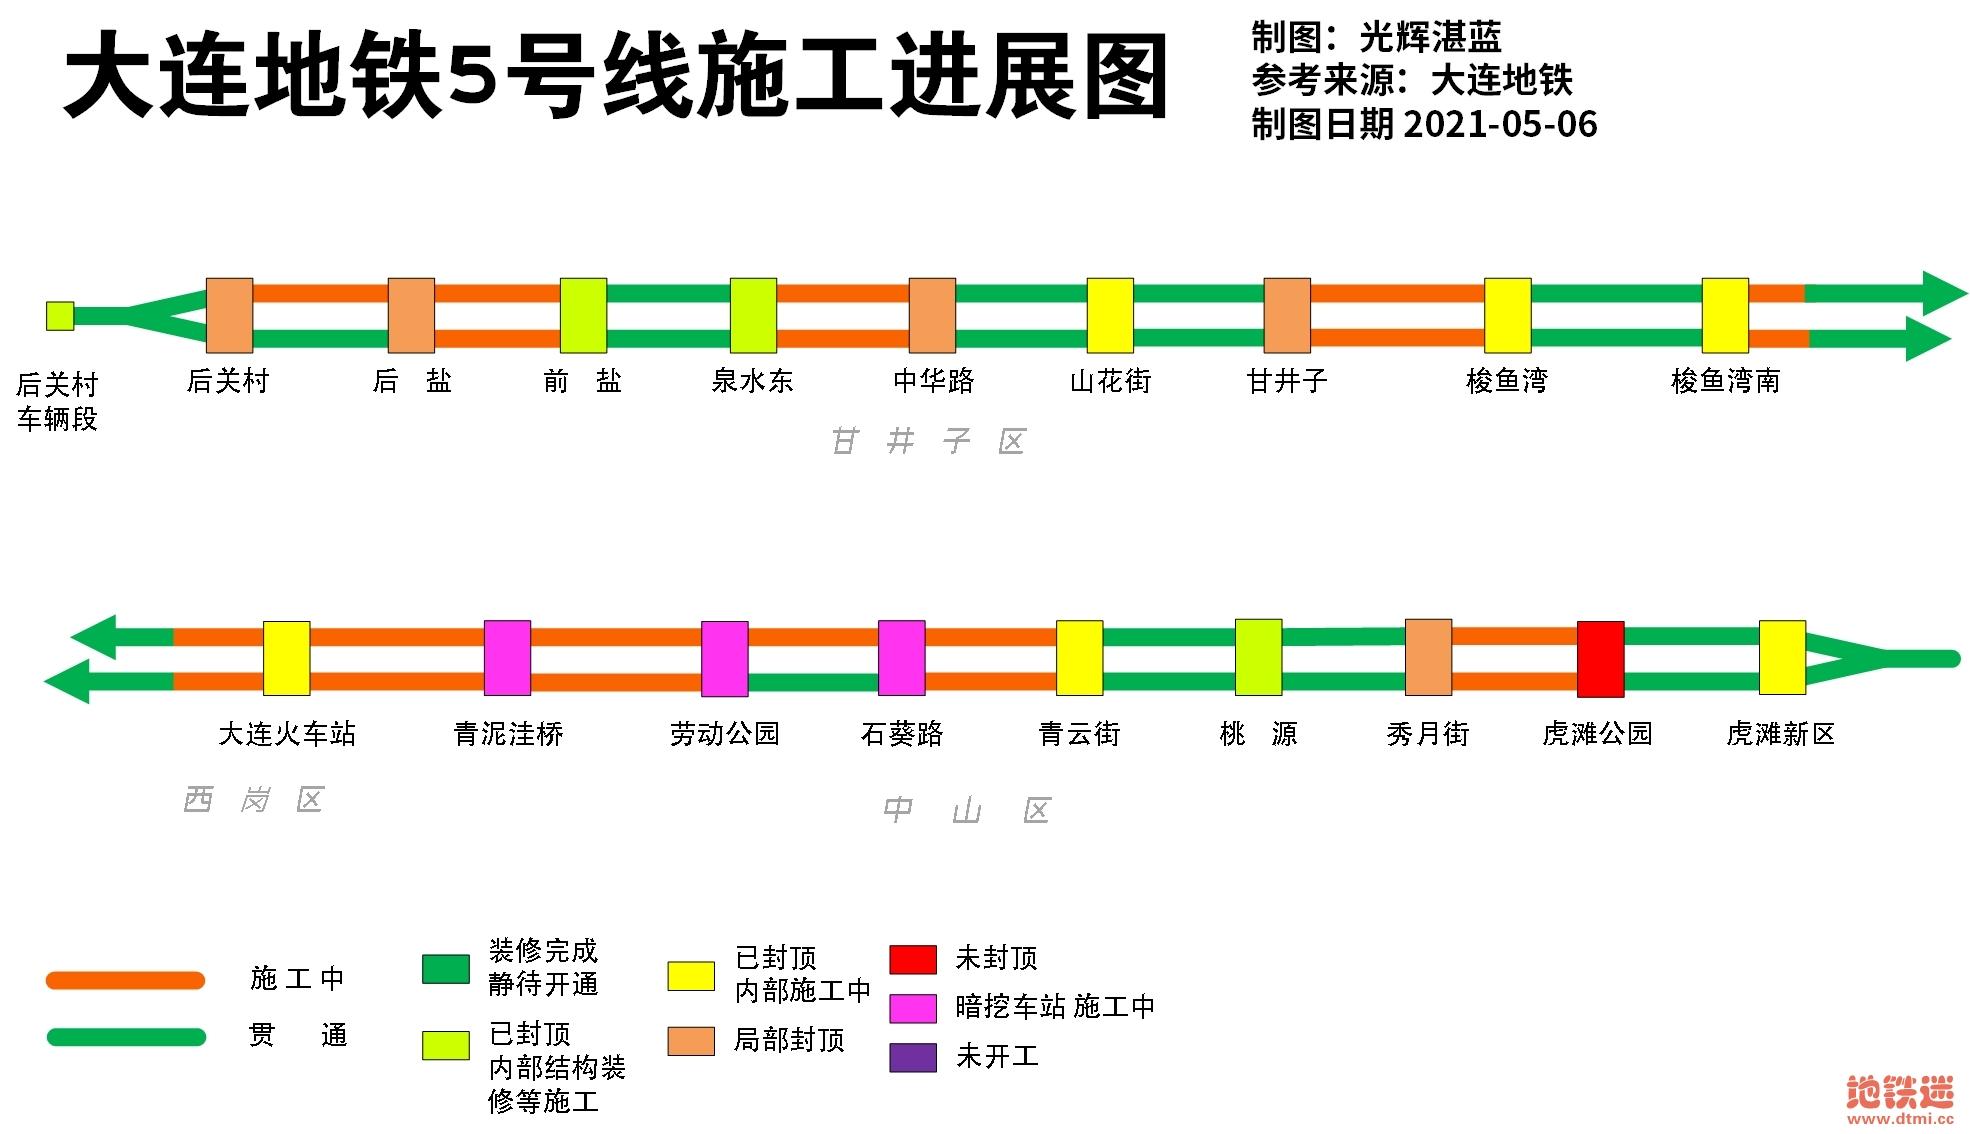 大连地铁5号线进展.jpg